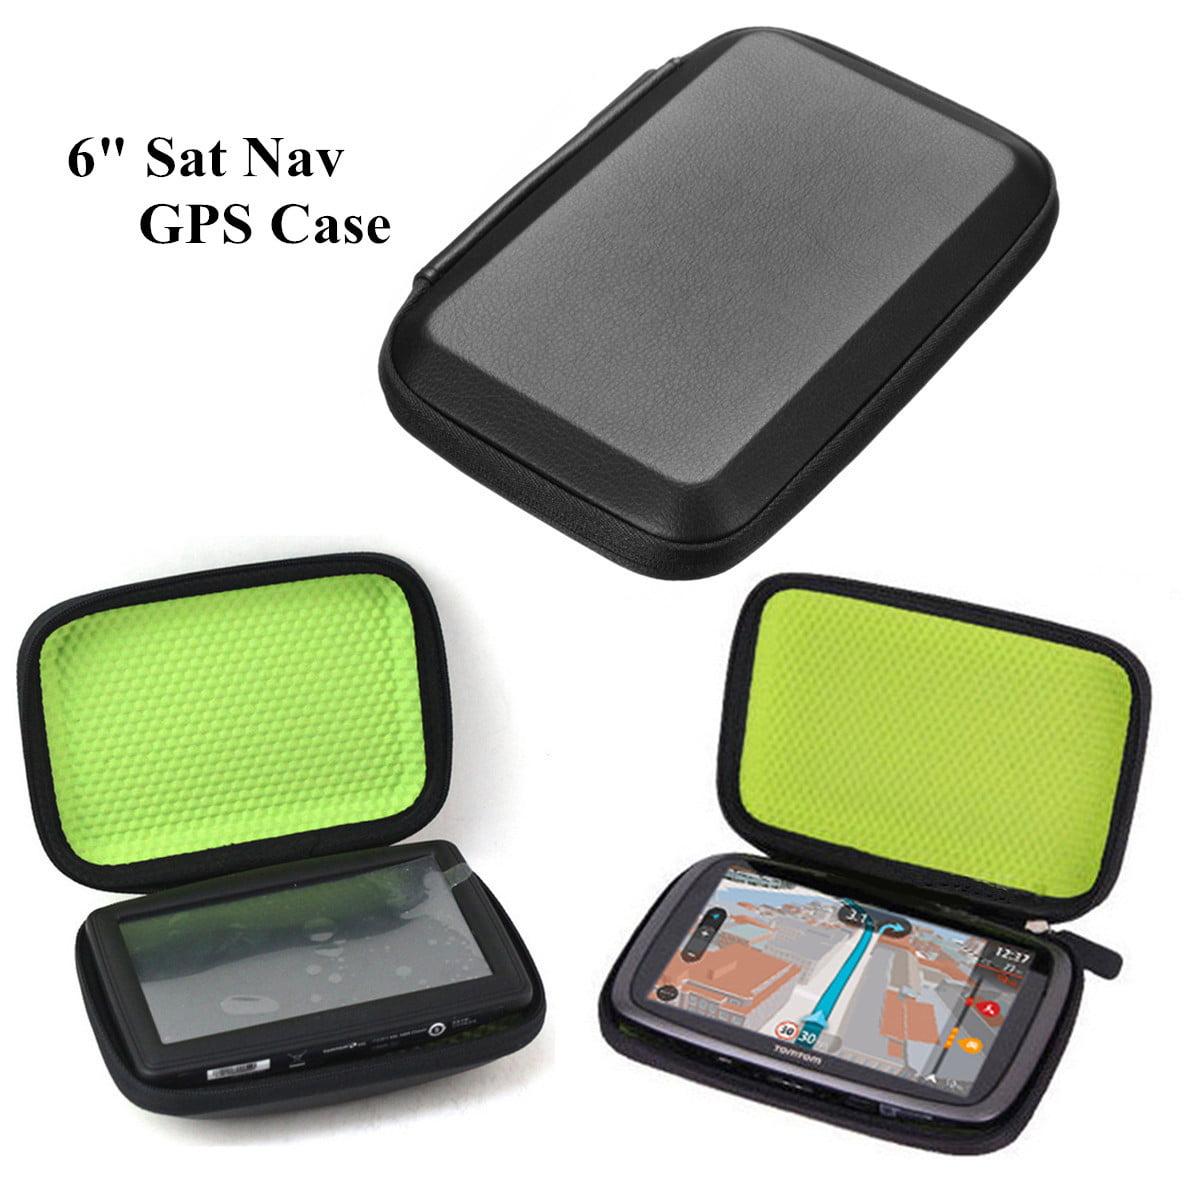 GPS Case 5'' In-Car Navigation GPS Case Wallet For Garmin TomTom Sat